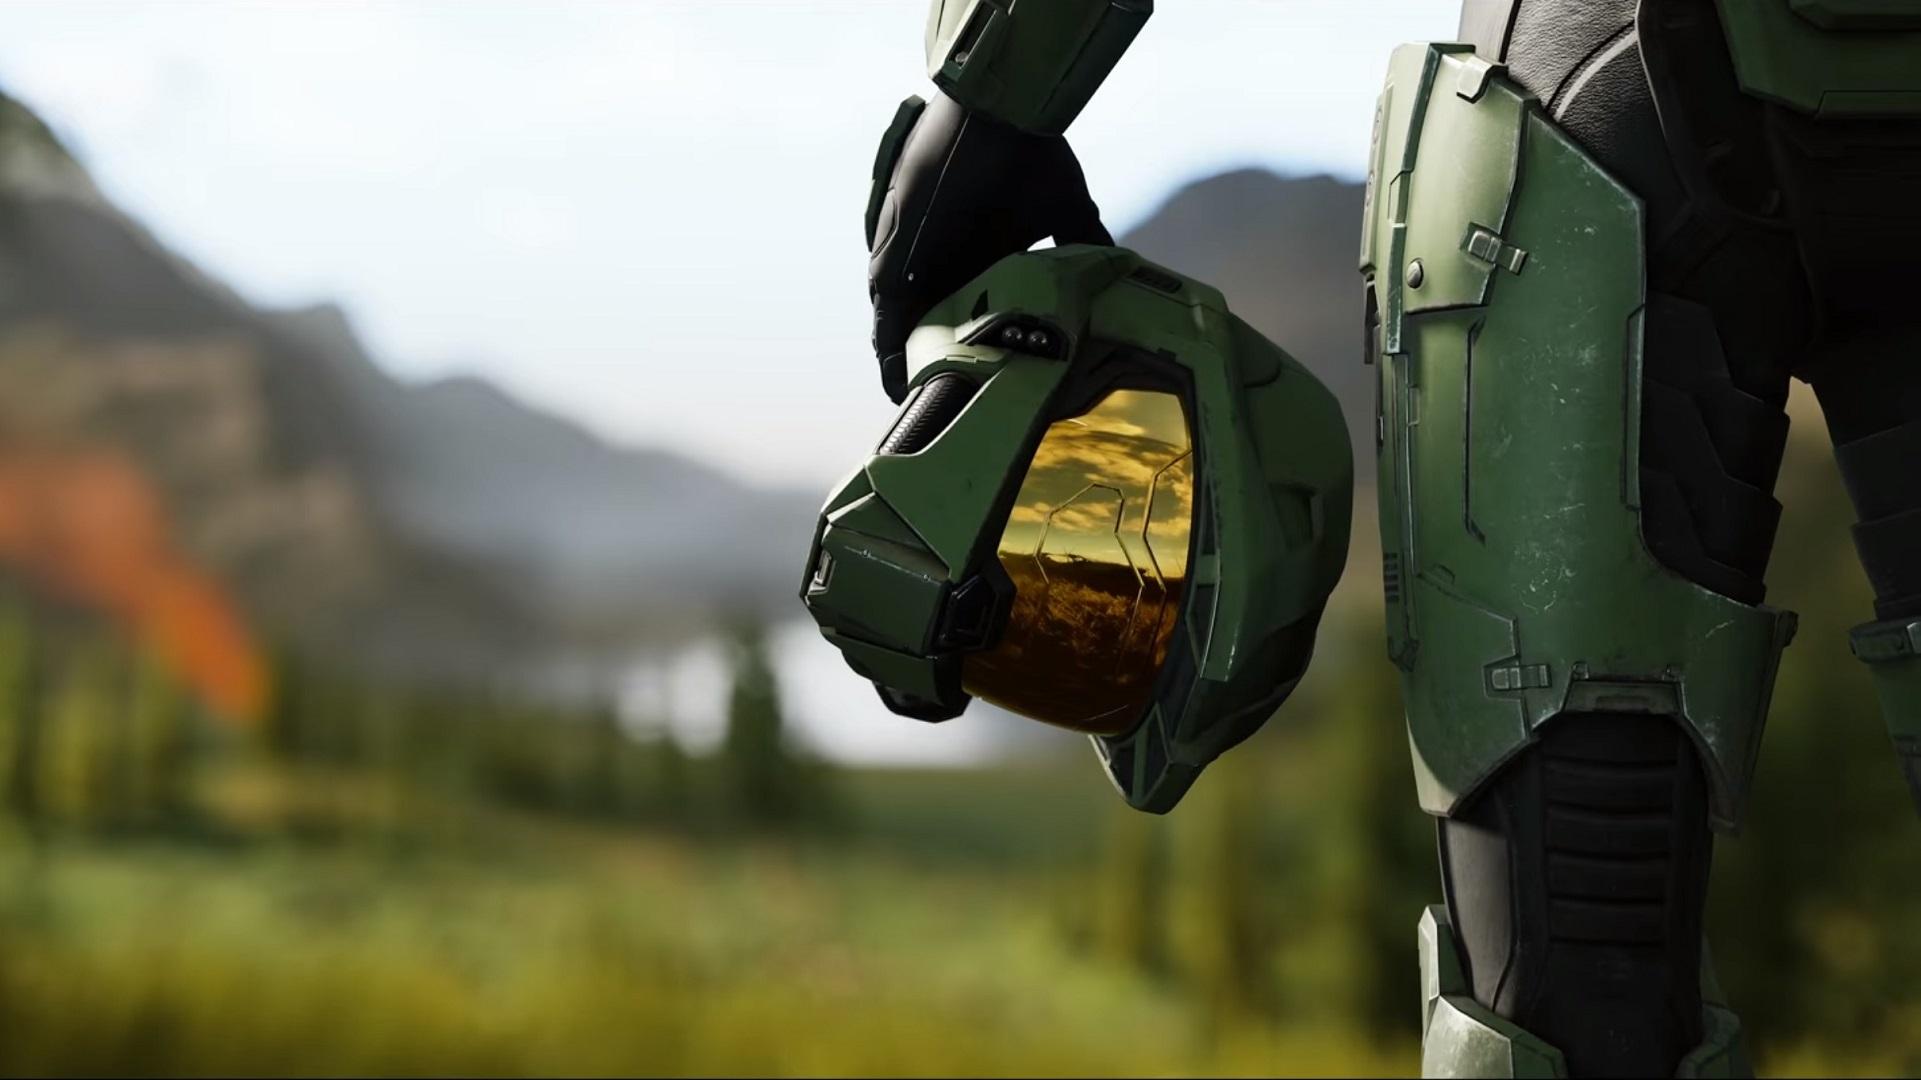 Xbox E3 2019 Halo Infinite